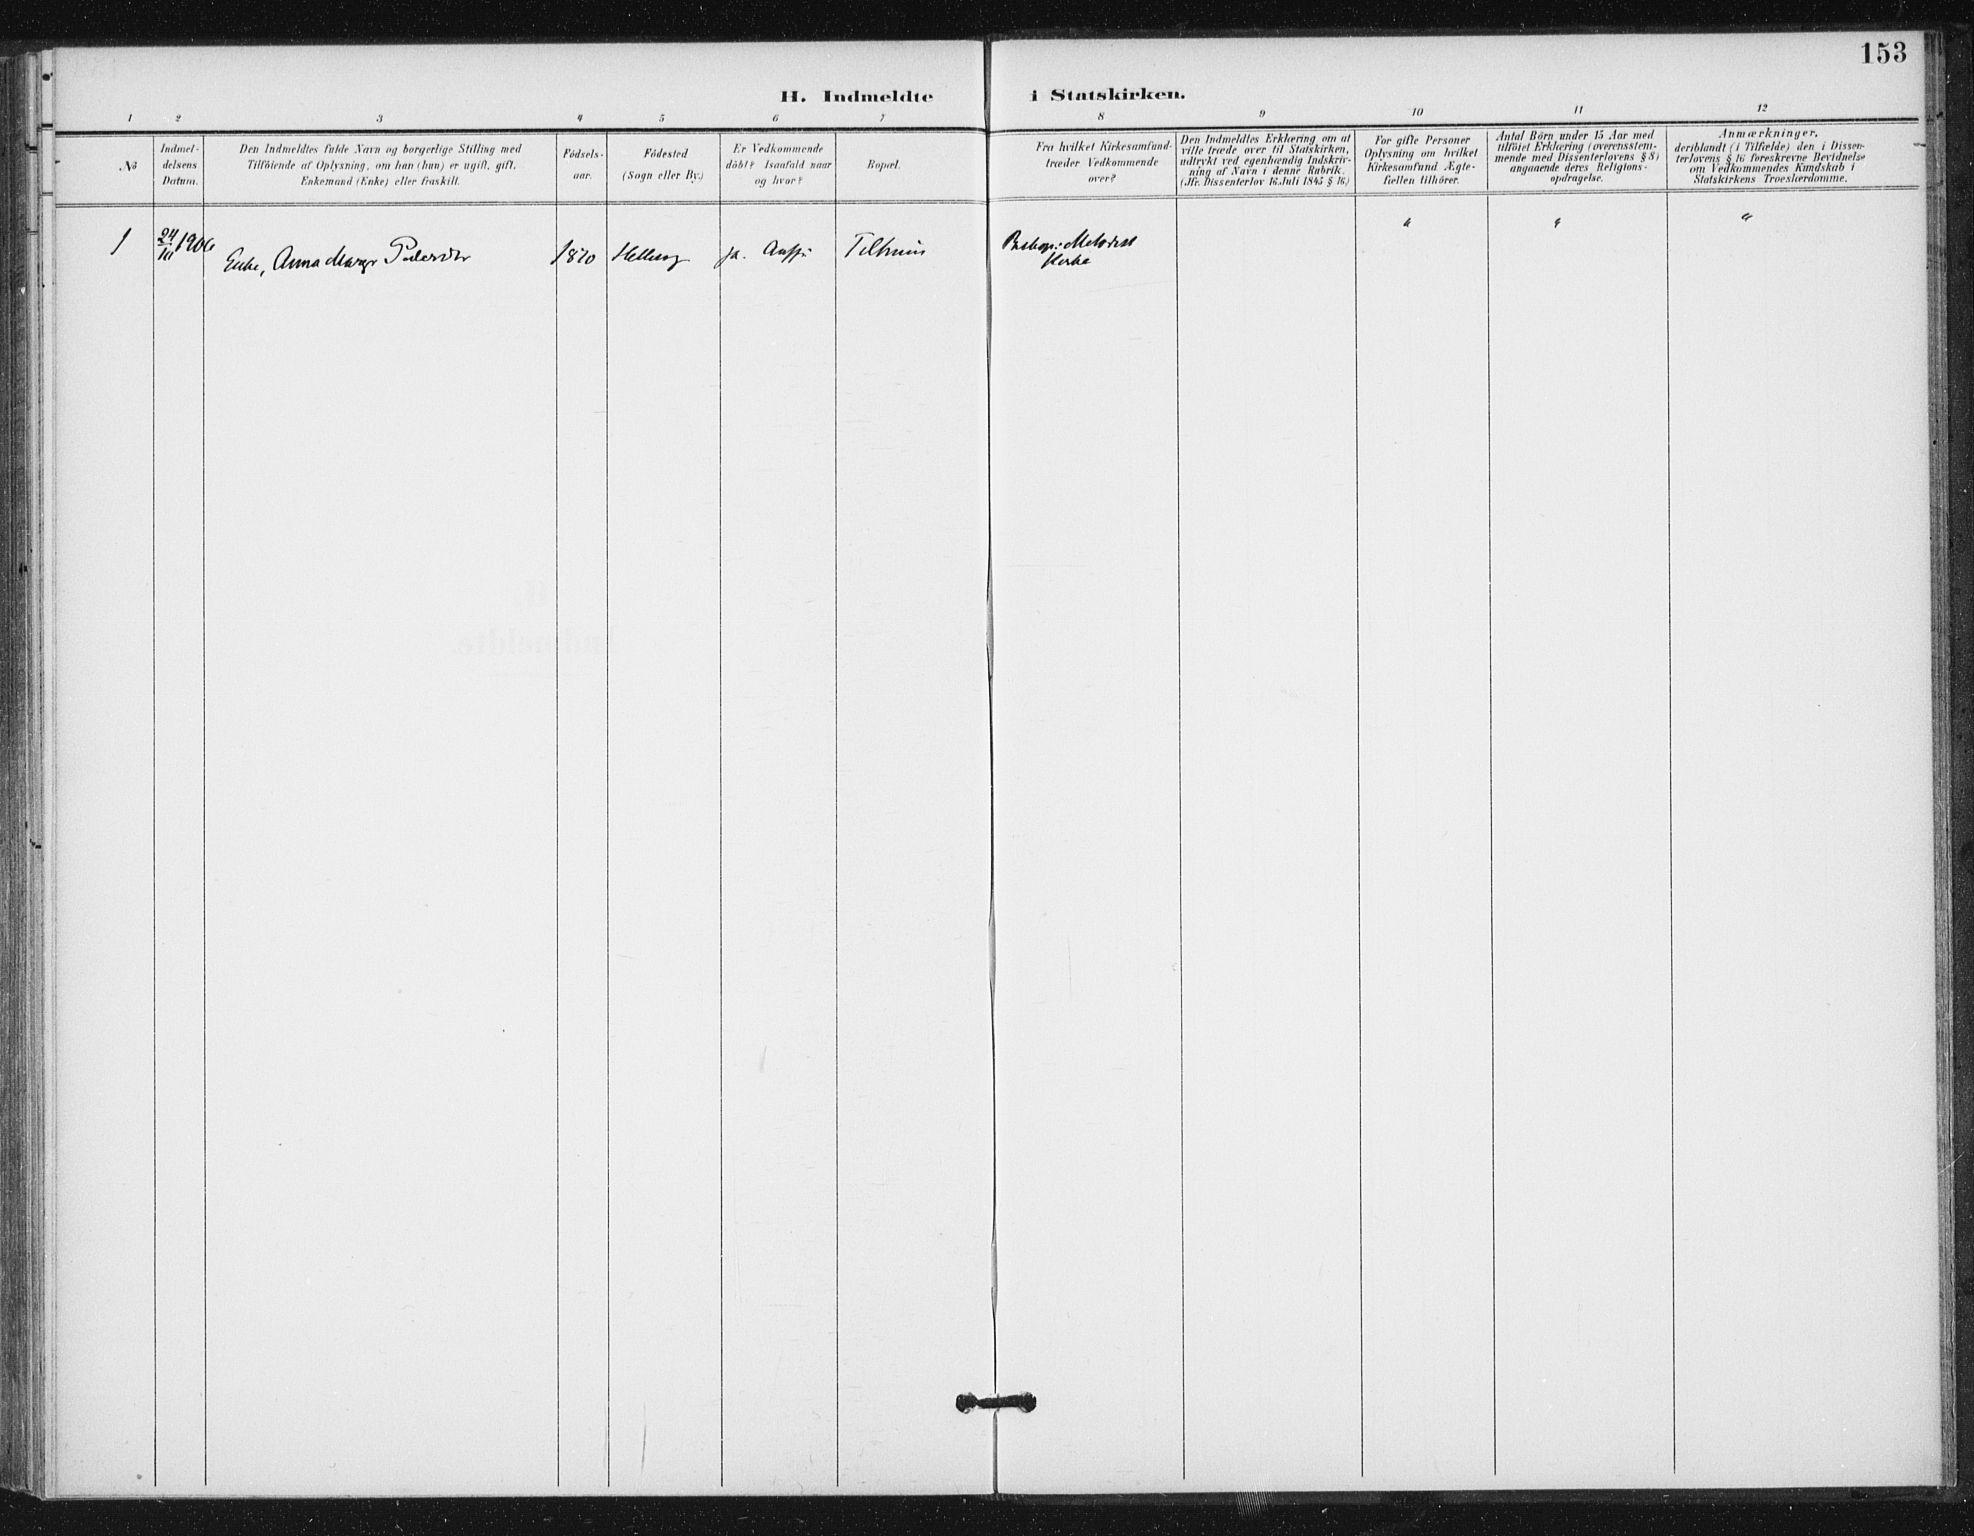 SAT, Ministerialprotokoller, klokkerbøker og fødselsregistre - Sør-Trøndelag, 654/L0664: Ministerialbok nr. 654A02, 1895-1907, s. 153